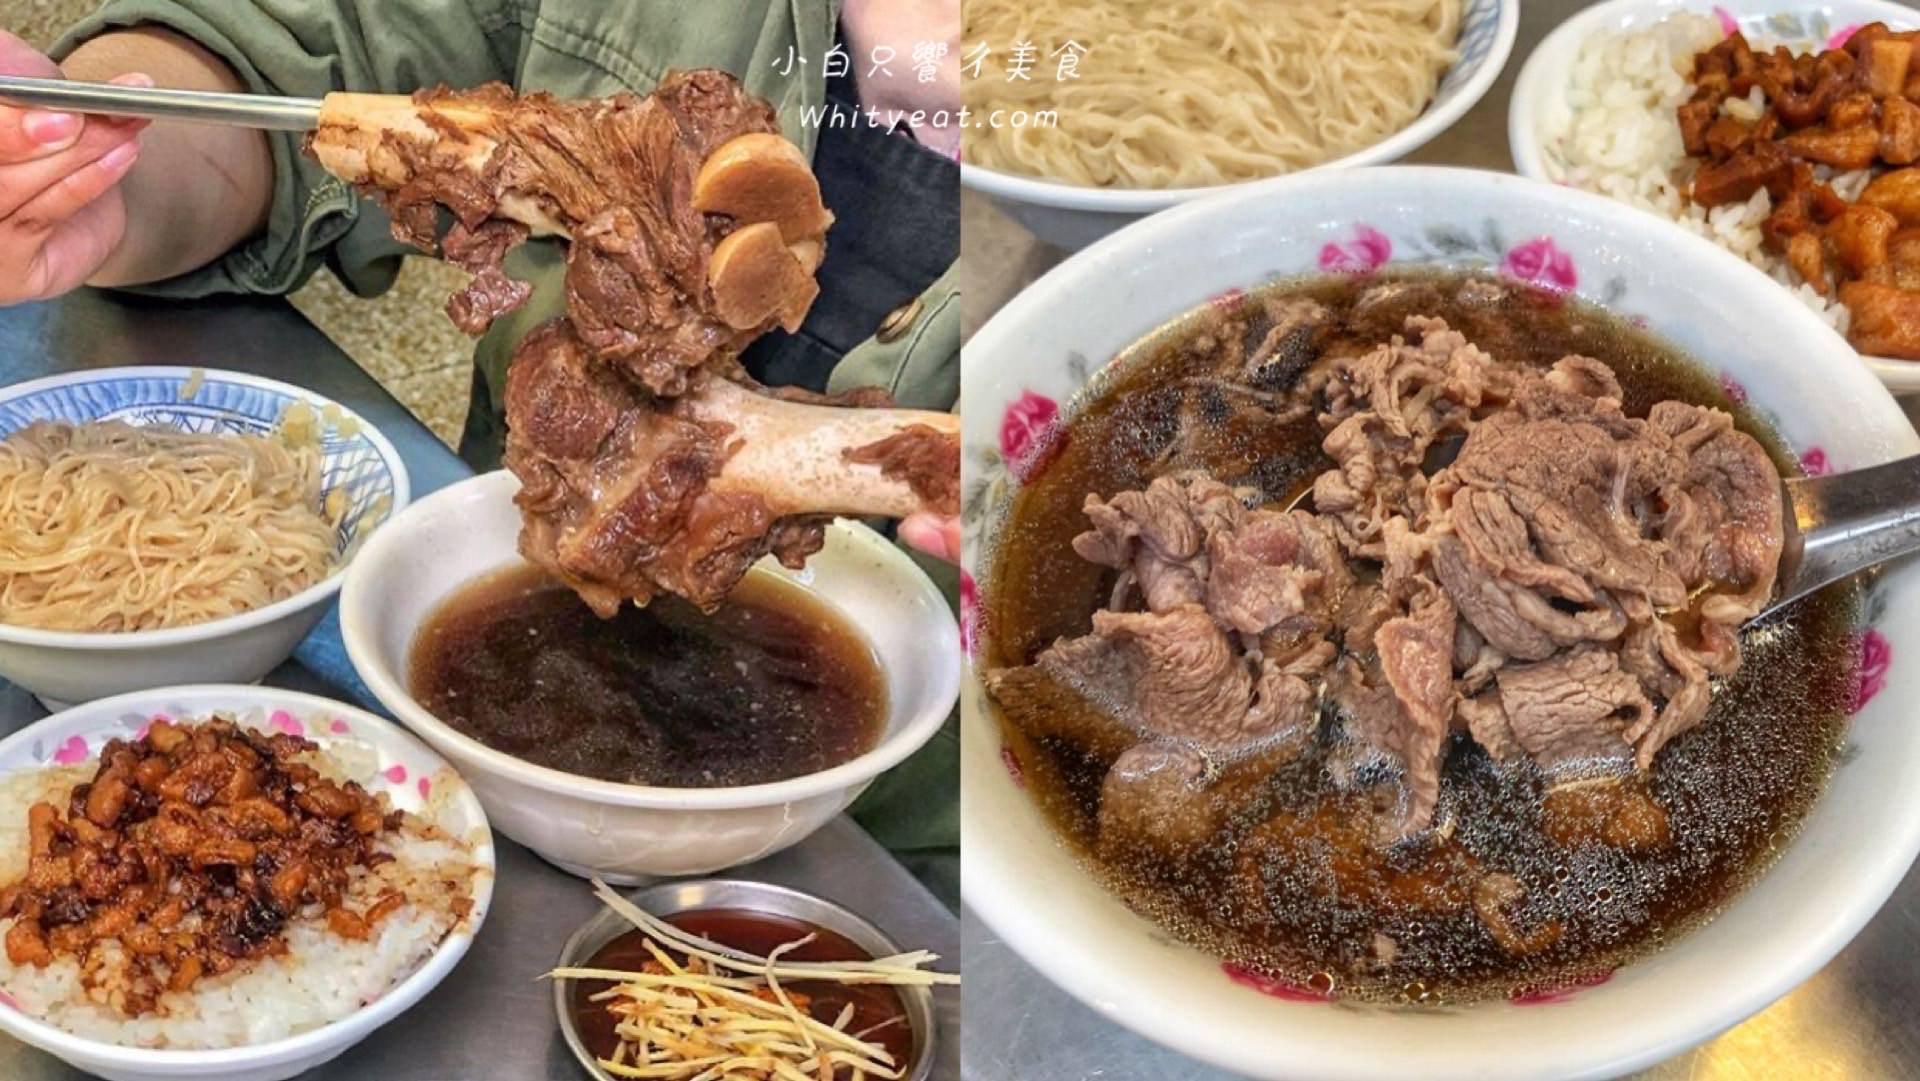 【台南美食】歸仁市場「施家羊肉」50年老店 肉給很多還能免費加湯!乾拌麵內行人必點